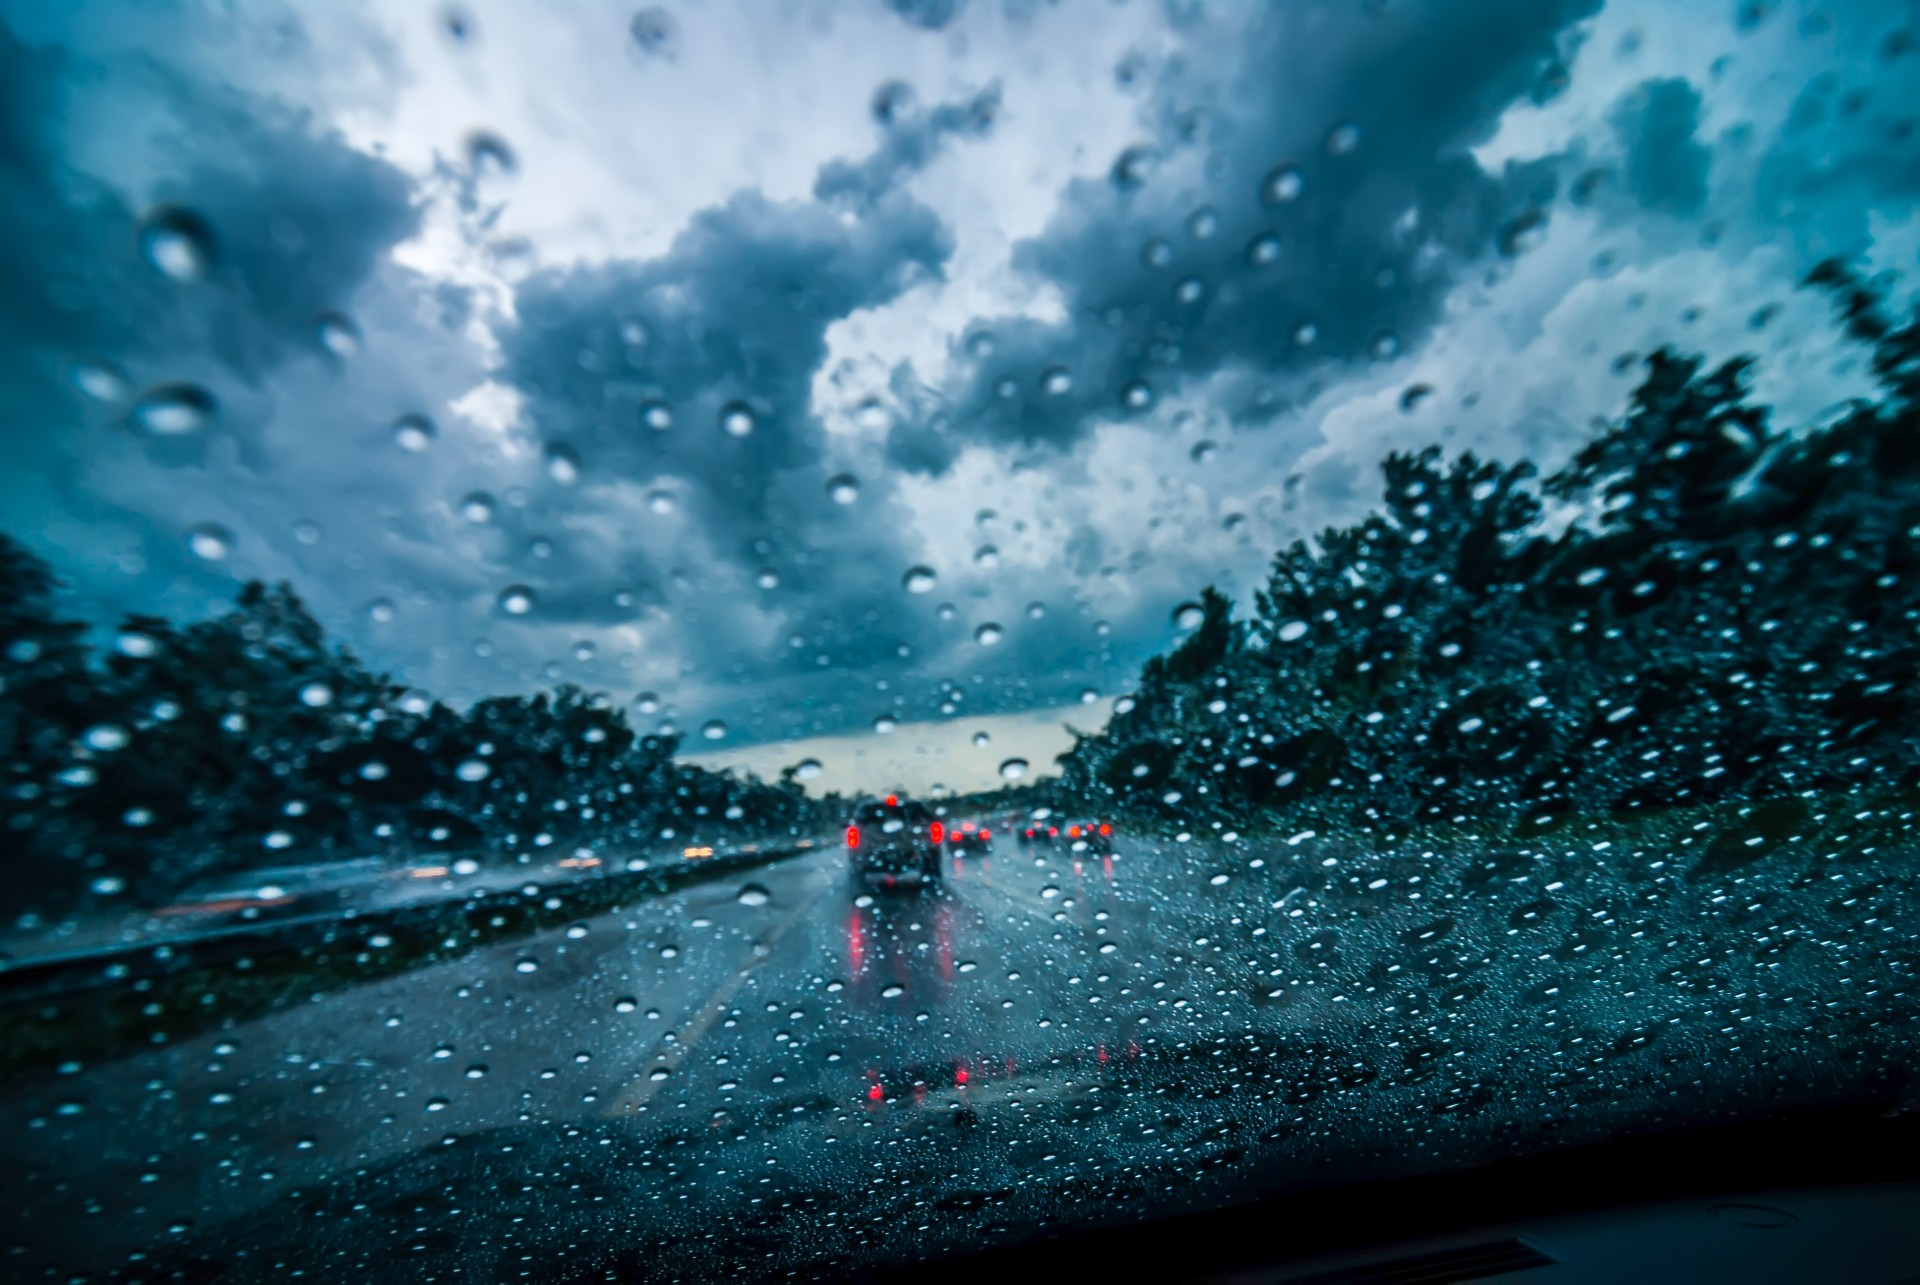 Rain, Rainy Day